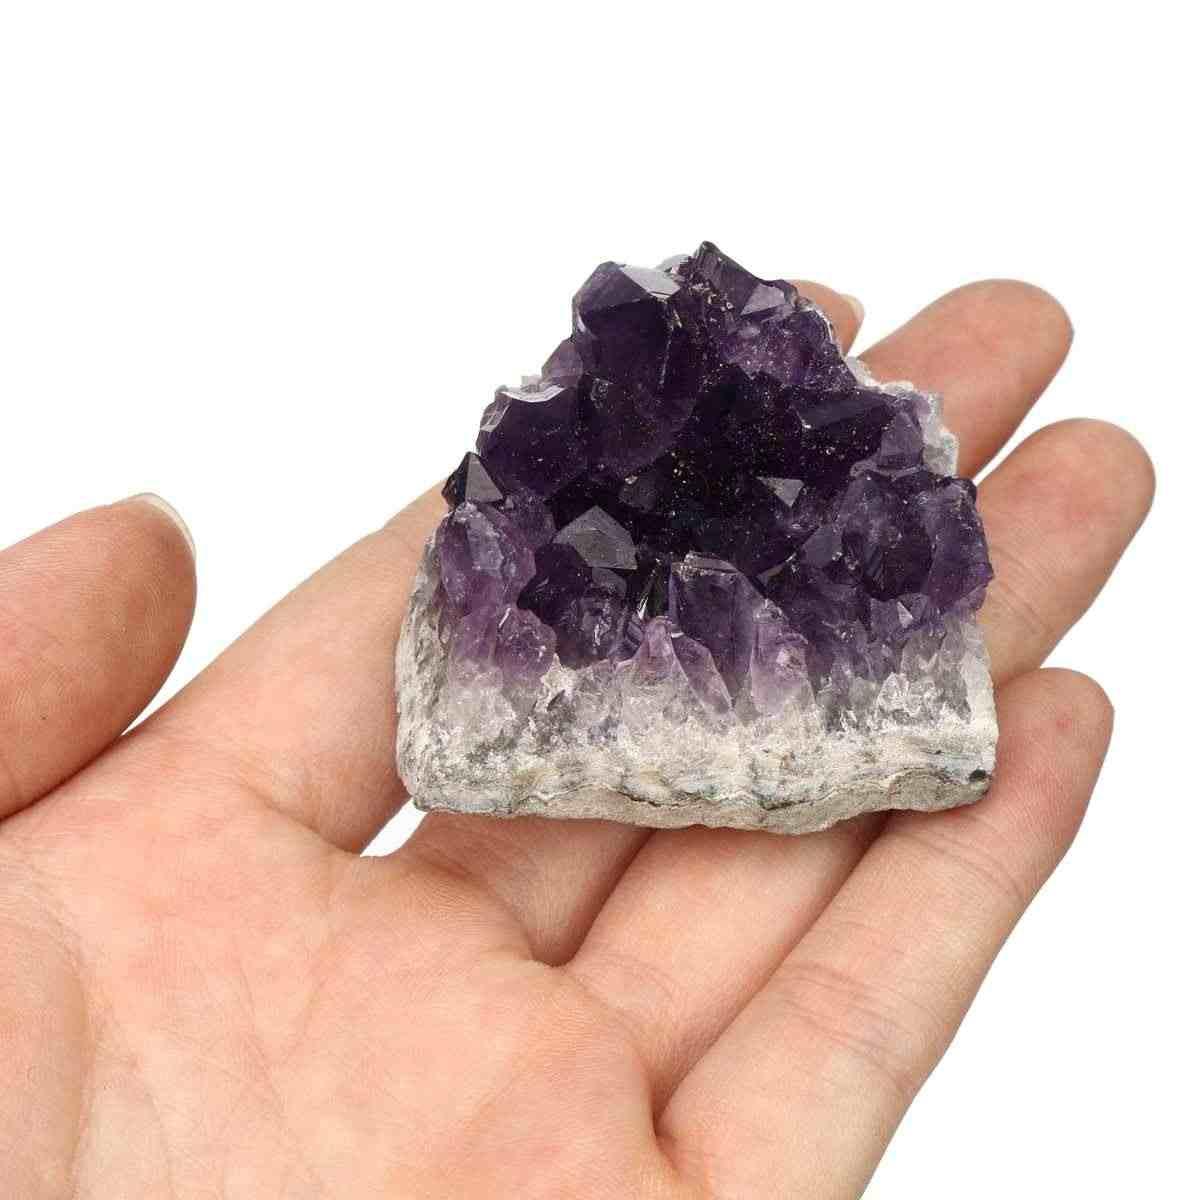 1Pc 40-60g naturalny kryształ ametyst kwarcowy Drusy Geode klastra kamień leczniczy Home ornament dekoracyjny fioletowy Feng Shui kamień